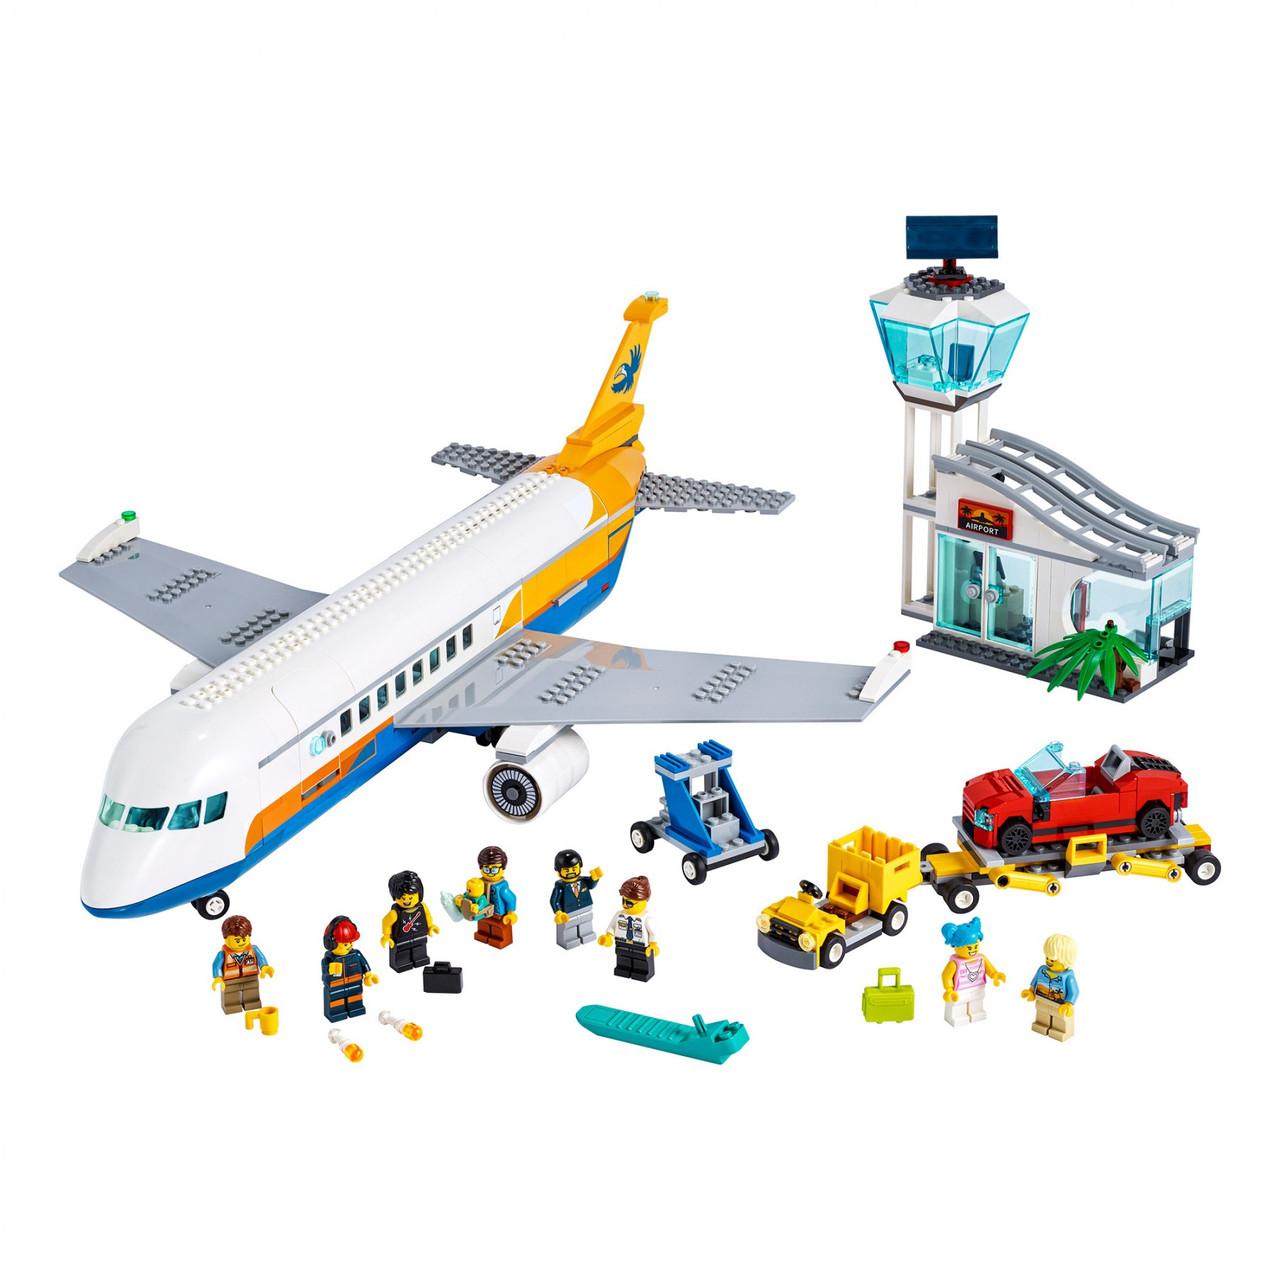 Конструктор LEGO 60262 City Пассажирский самолет 669 деталей Passenger Airplane